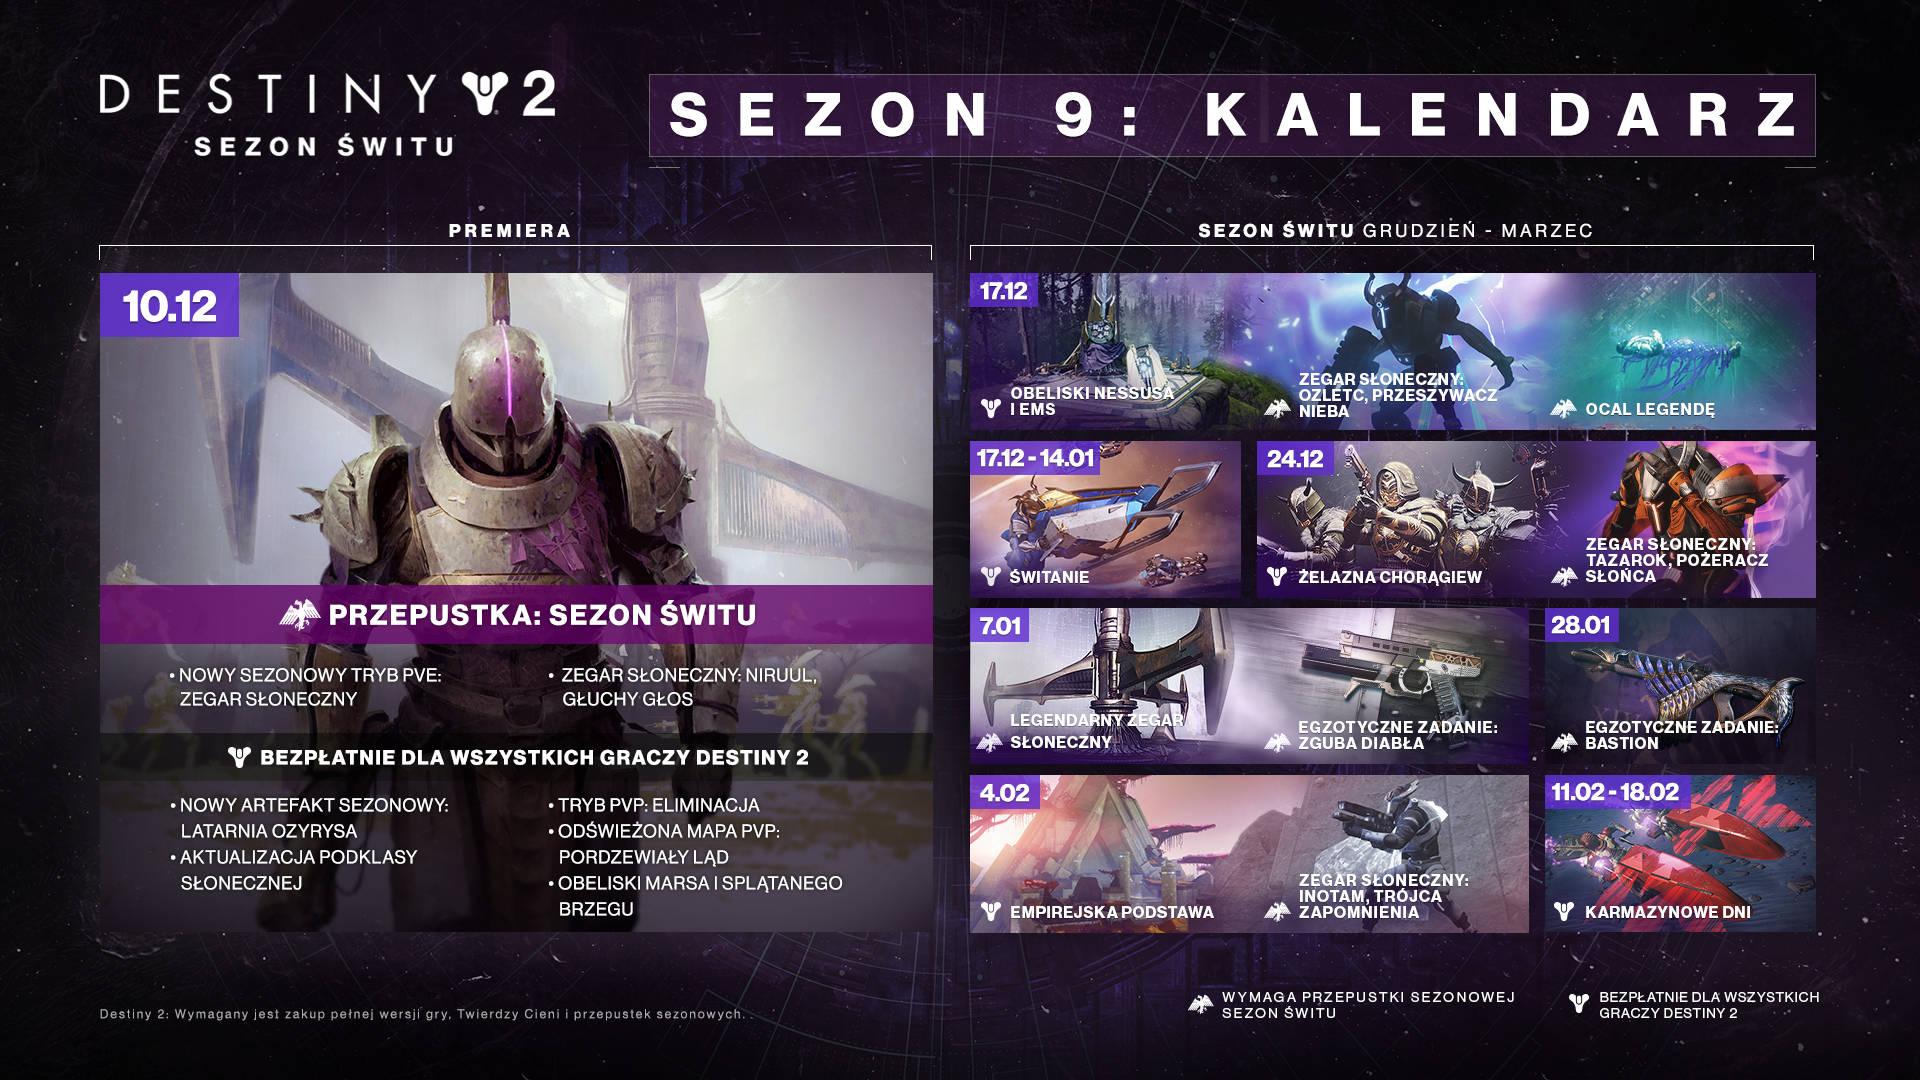 Nowy sezon Destiny 2 startuje już 10 grudnia 16